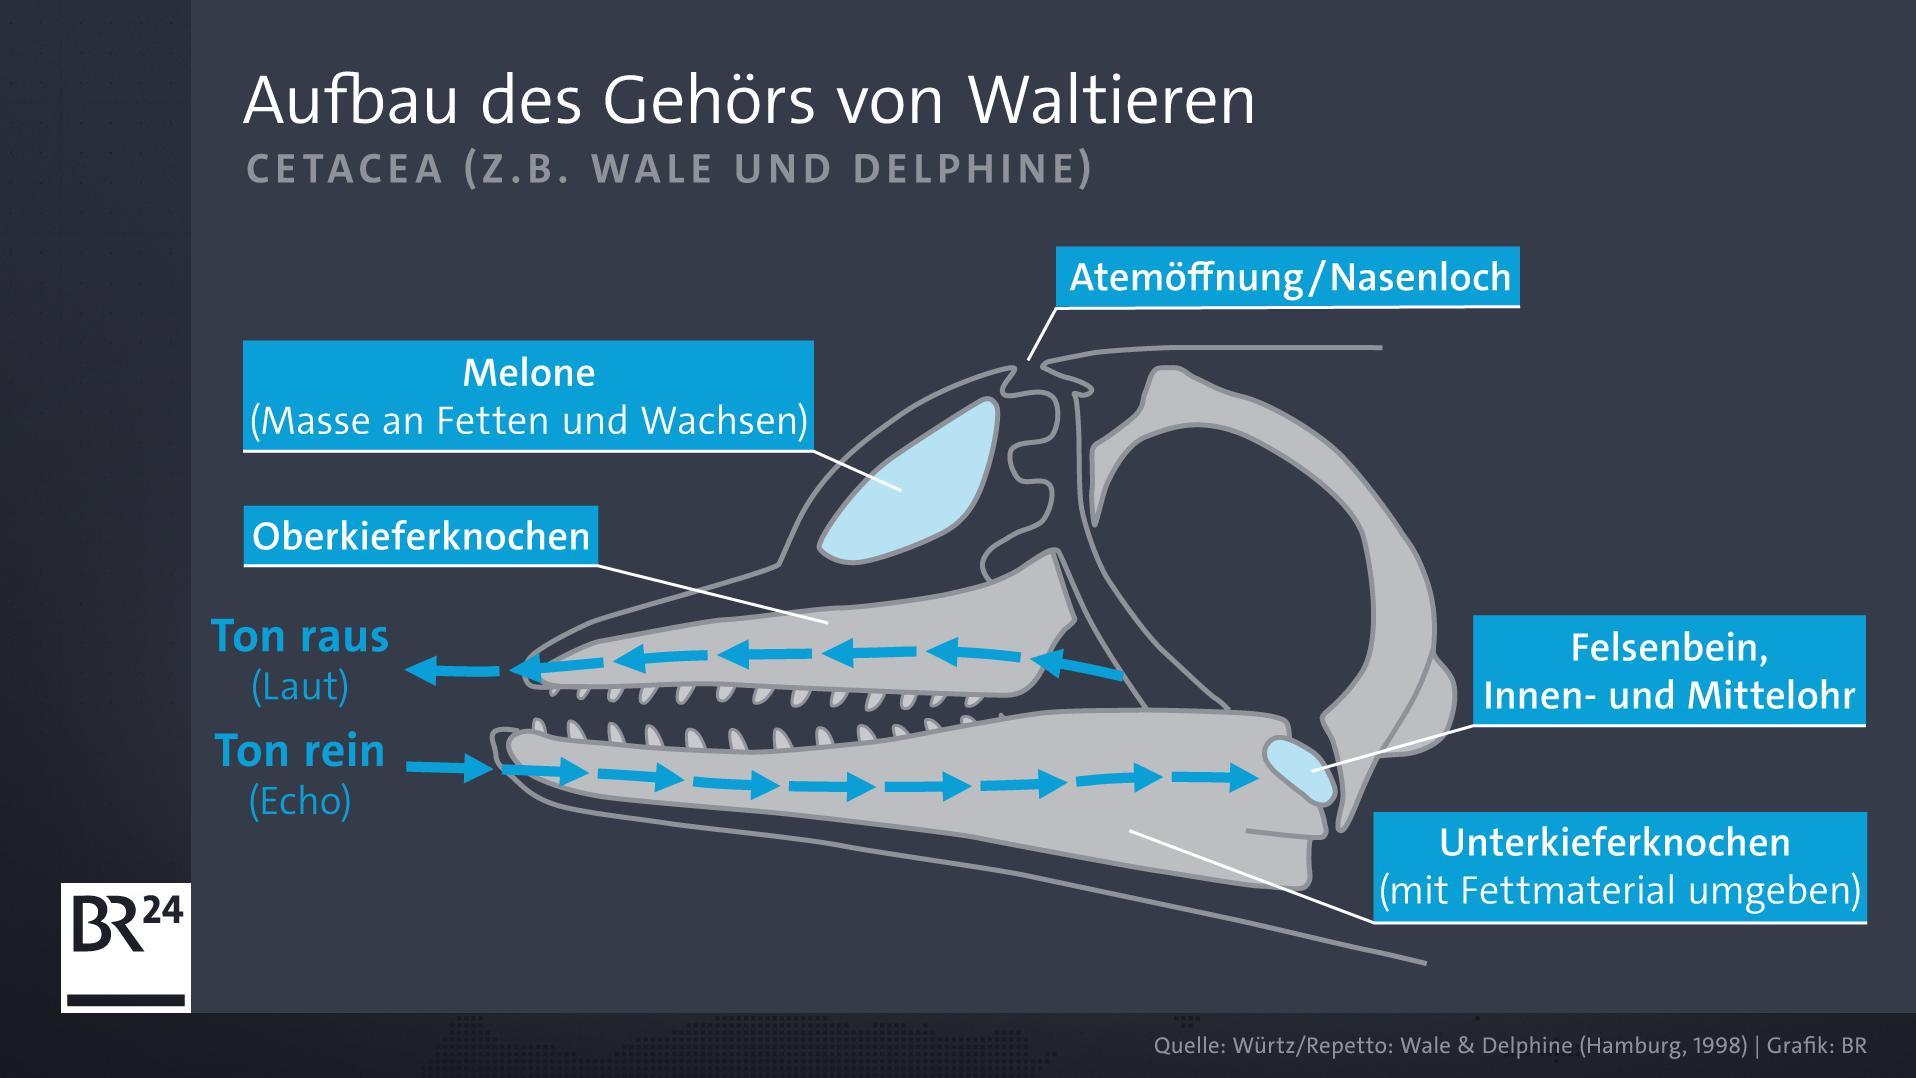 Aufbau des Gehörs von Waltieren (Cetacea)